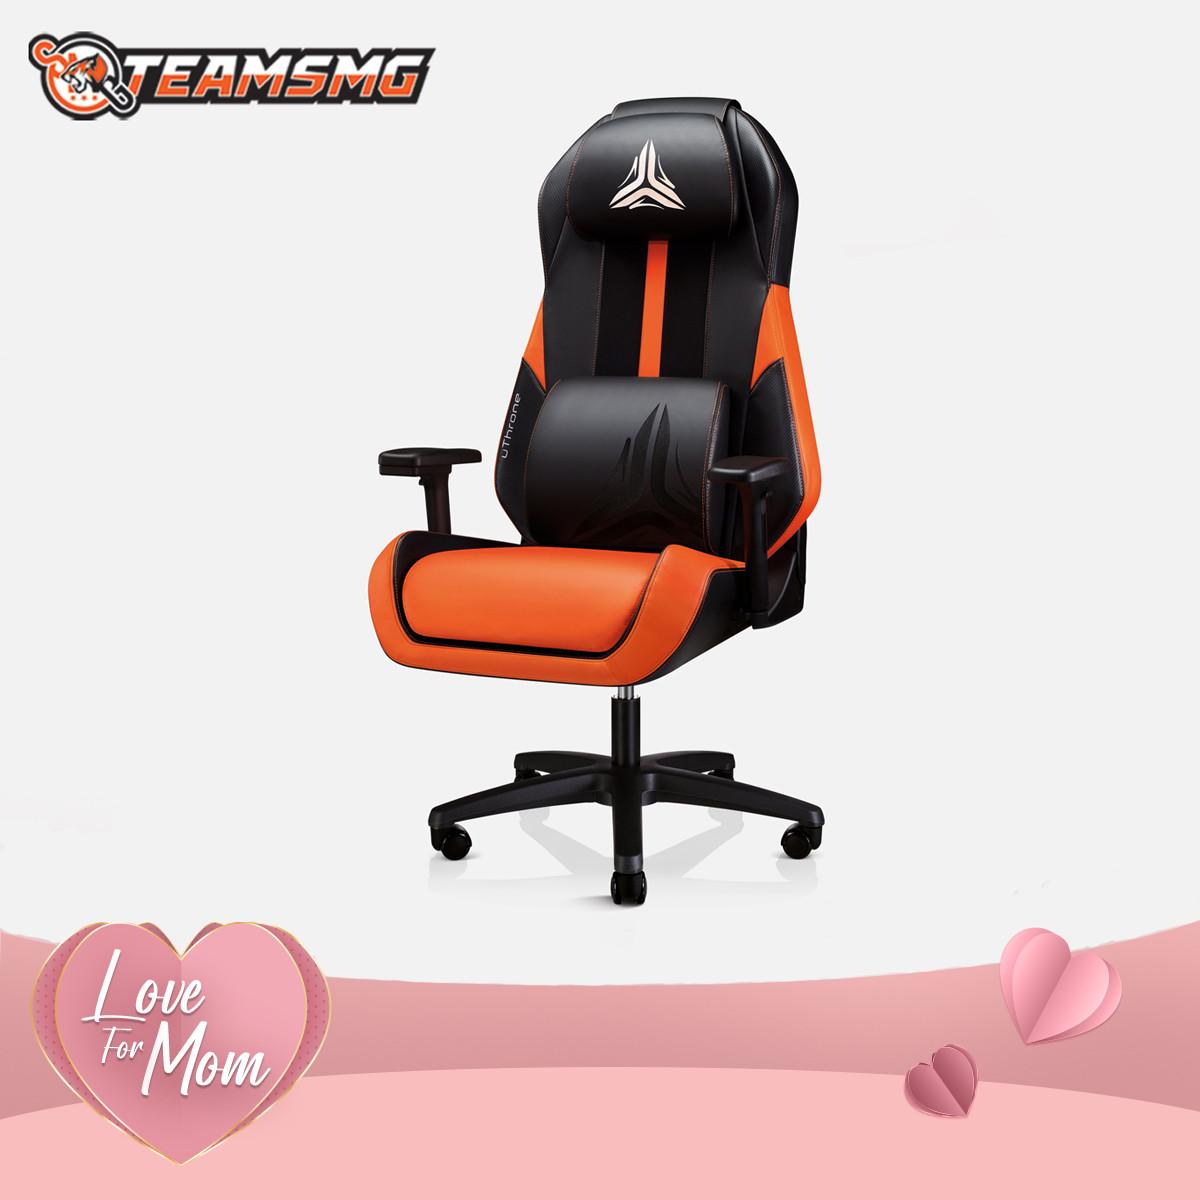 uThrone Gaming Massage Chair